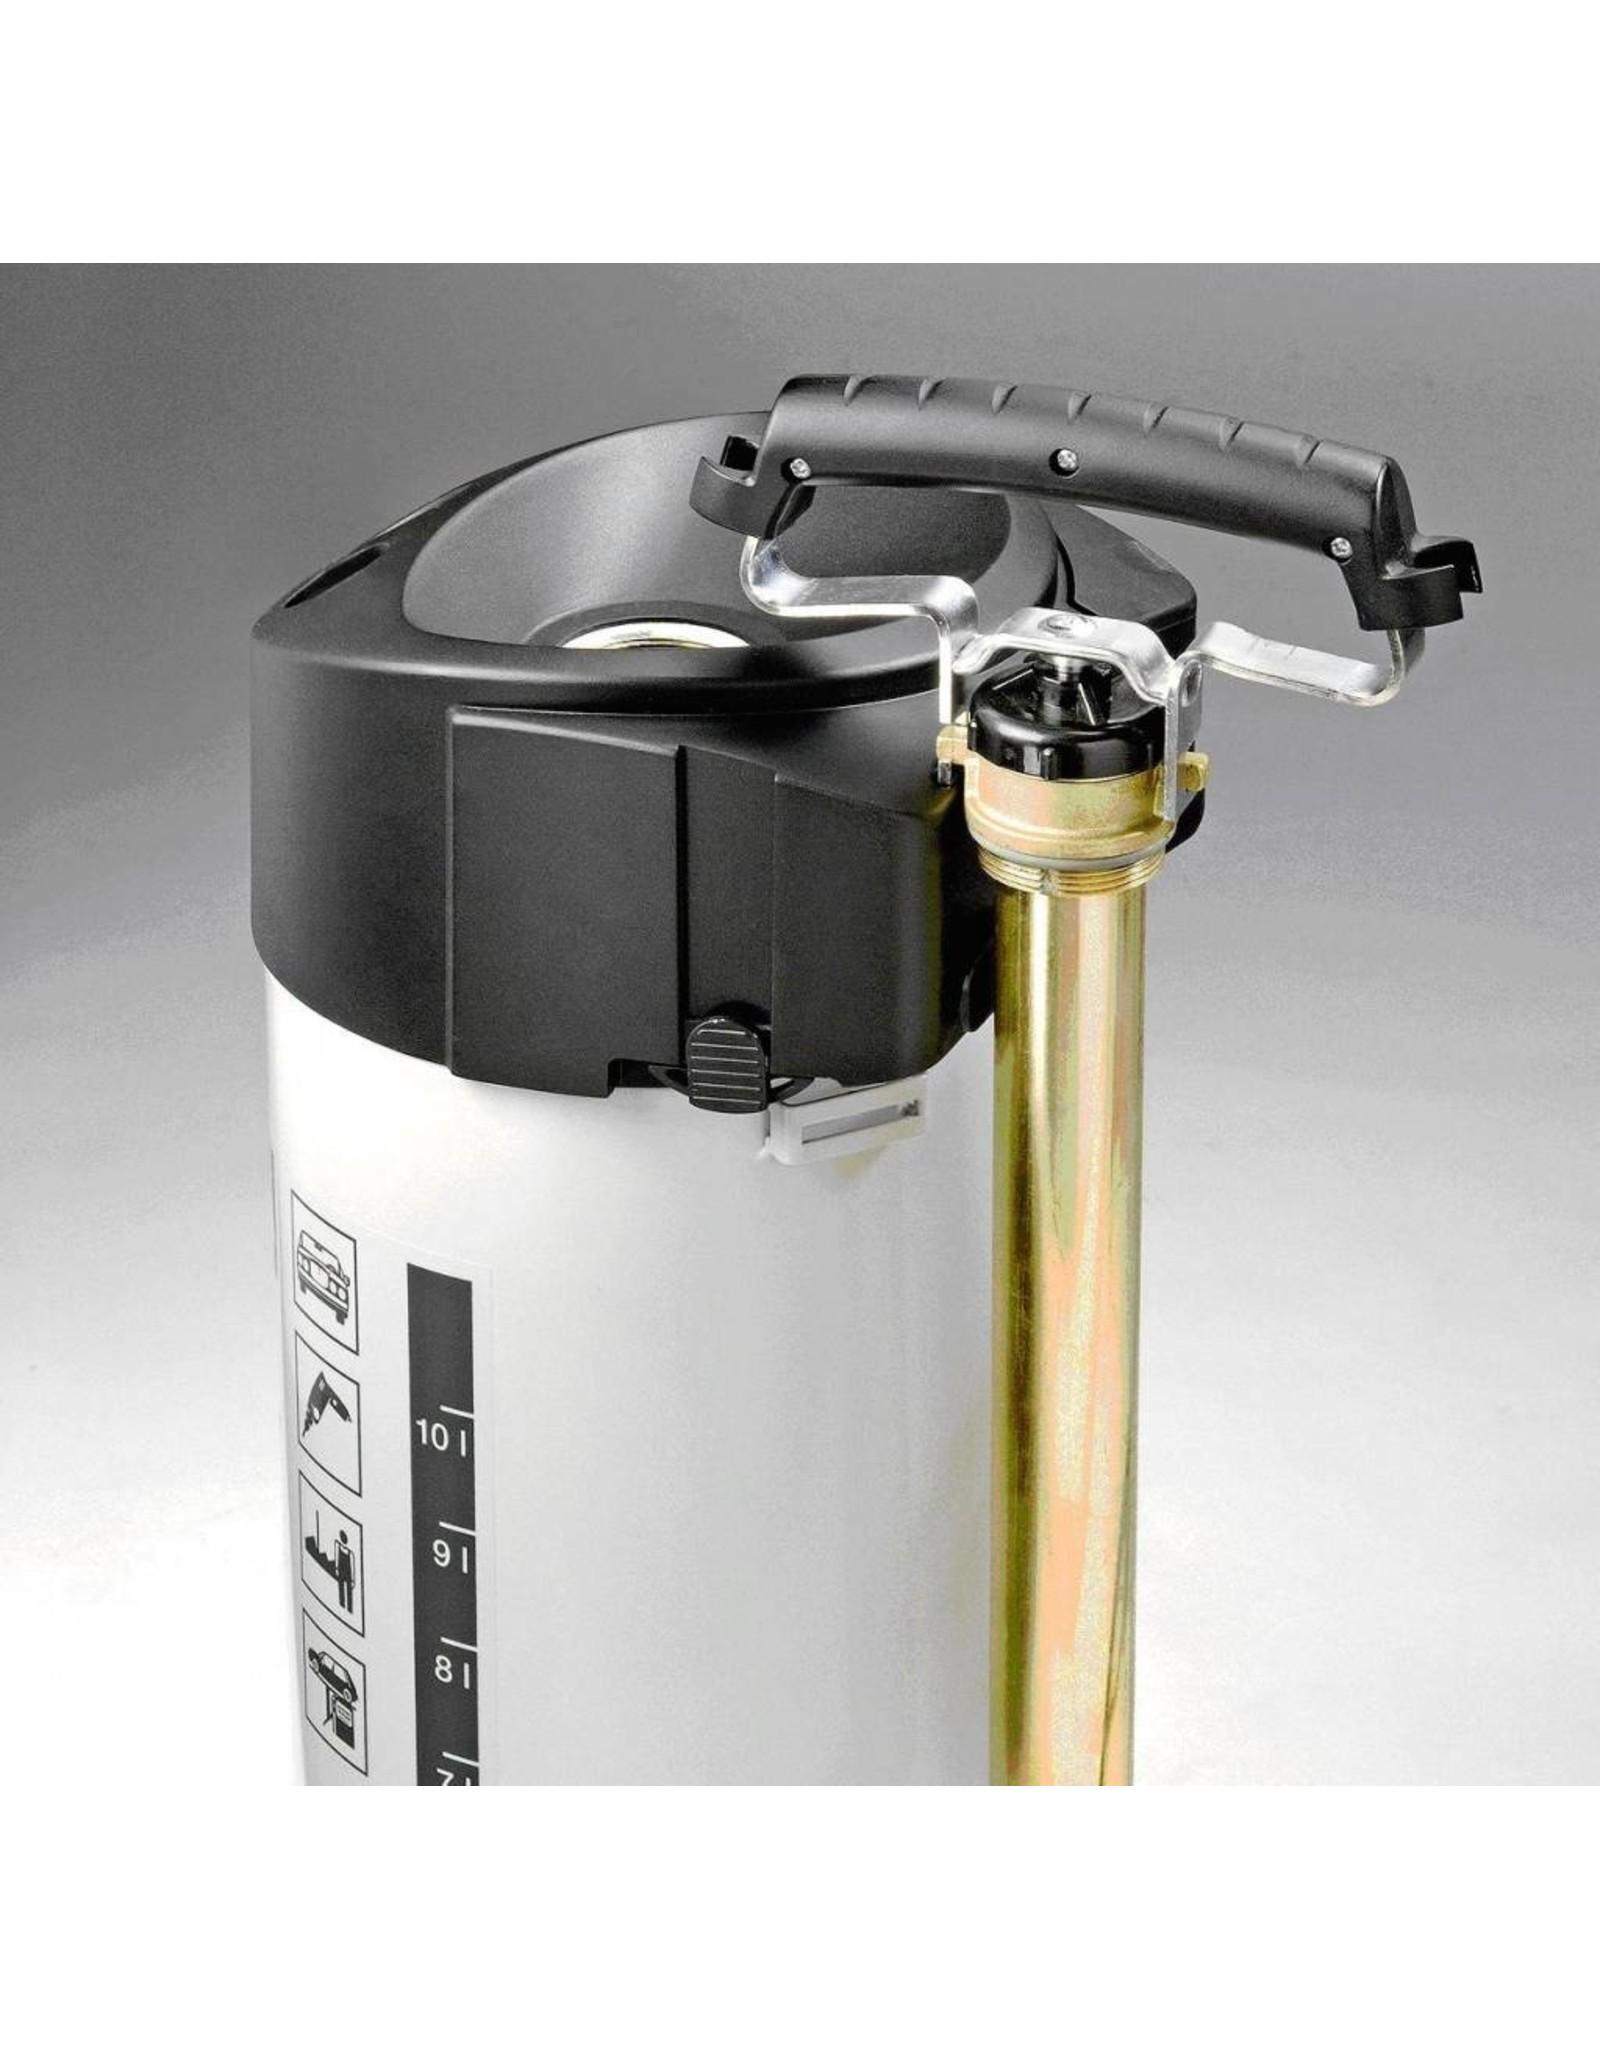 Gloria Industrie Hogedrukspuit RVS 505TK Profiline - 5 liter - met Compressoraansluiting